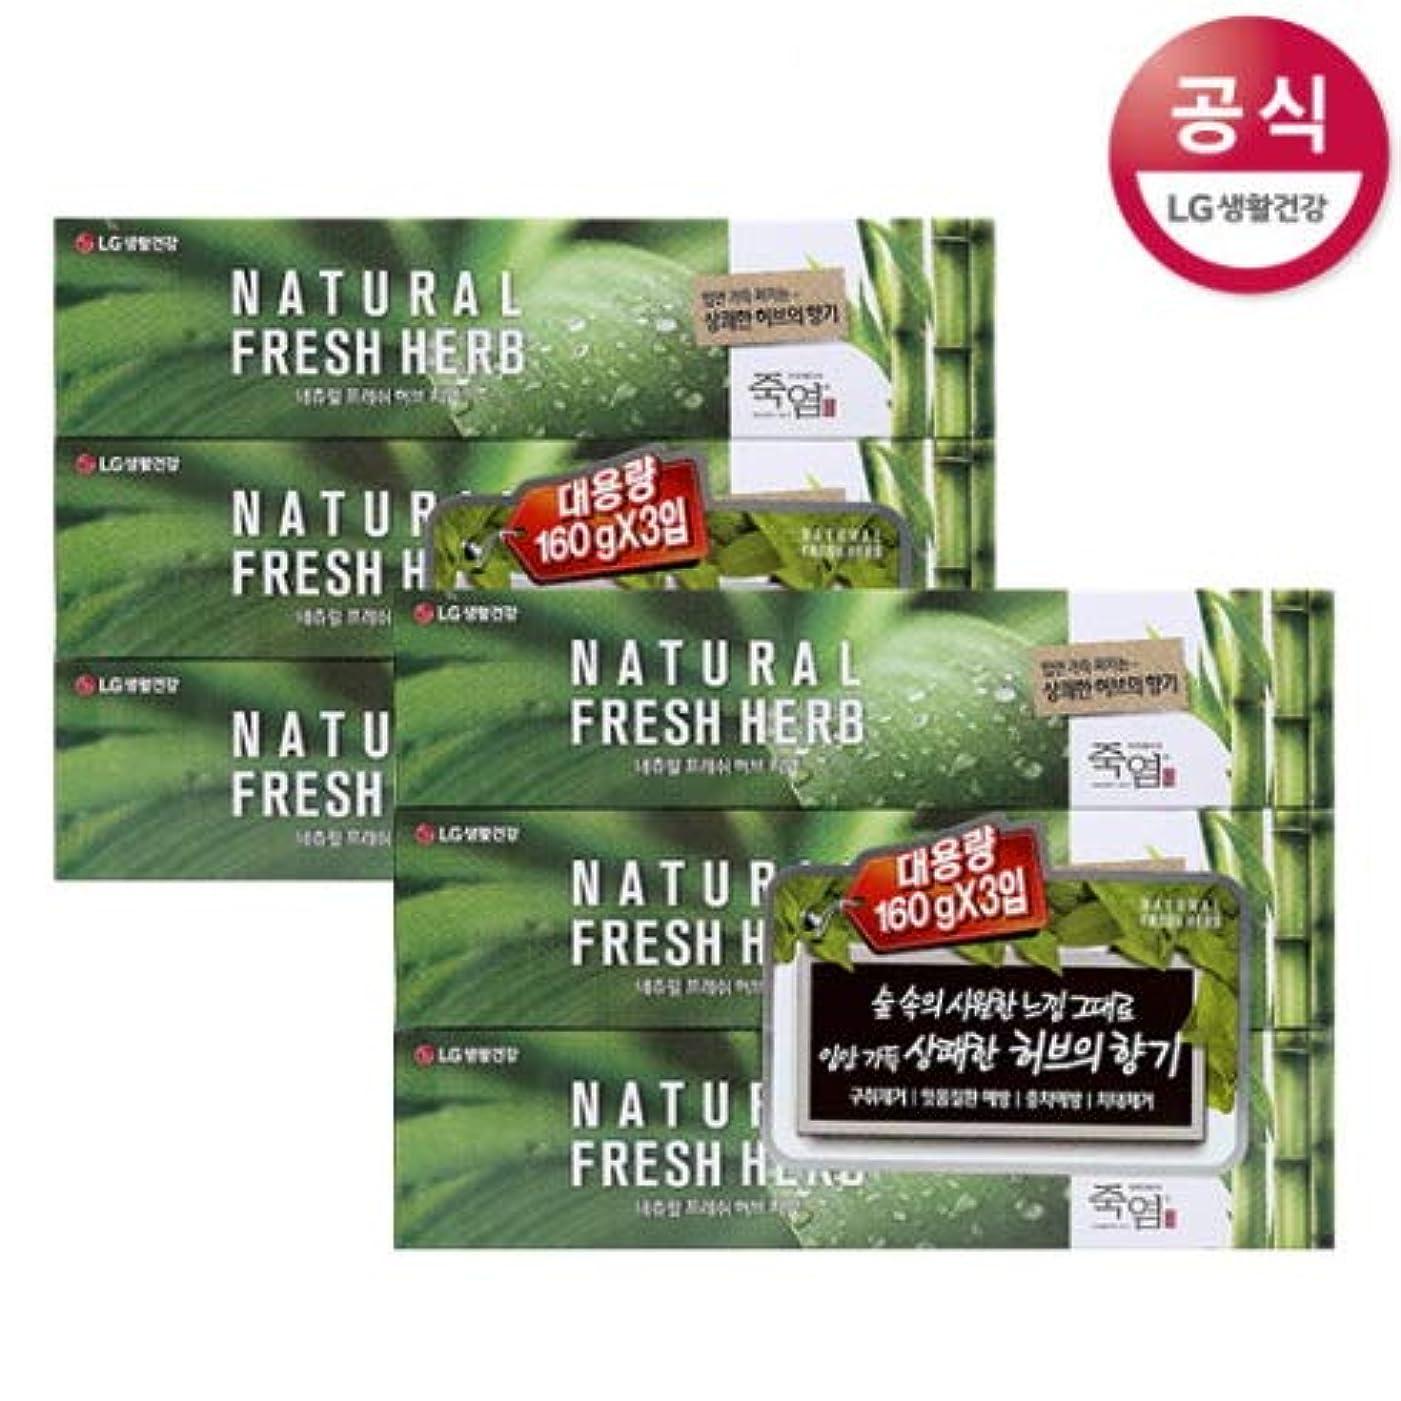 ビンやる第九[LG HnB] Bamboo Salt Natural Fresh Herbal Toothpaste/竹塩ナチュラルフレッシュハーブ歯磨き粉 160gx6個(海外直送品)